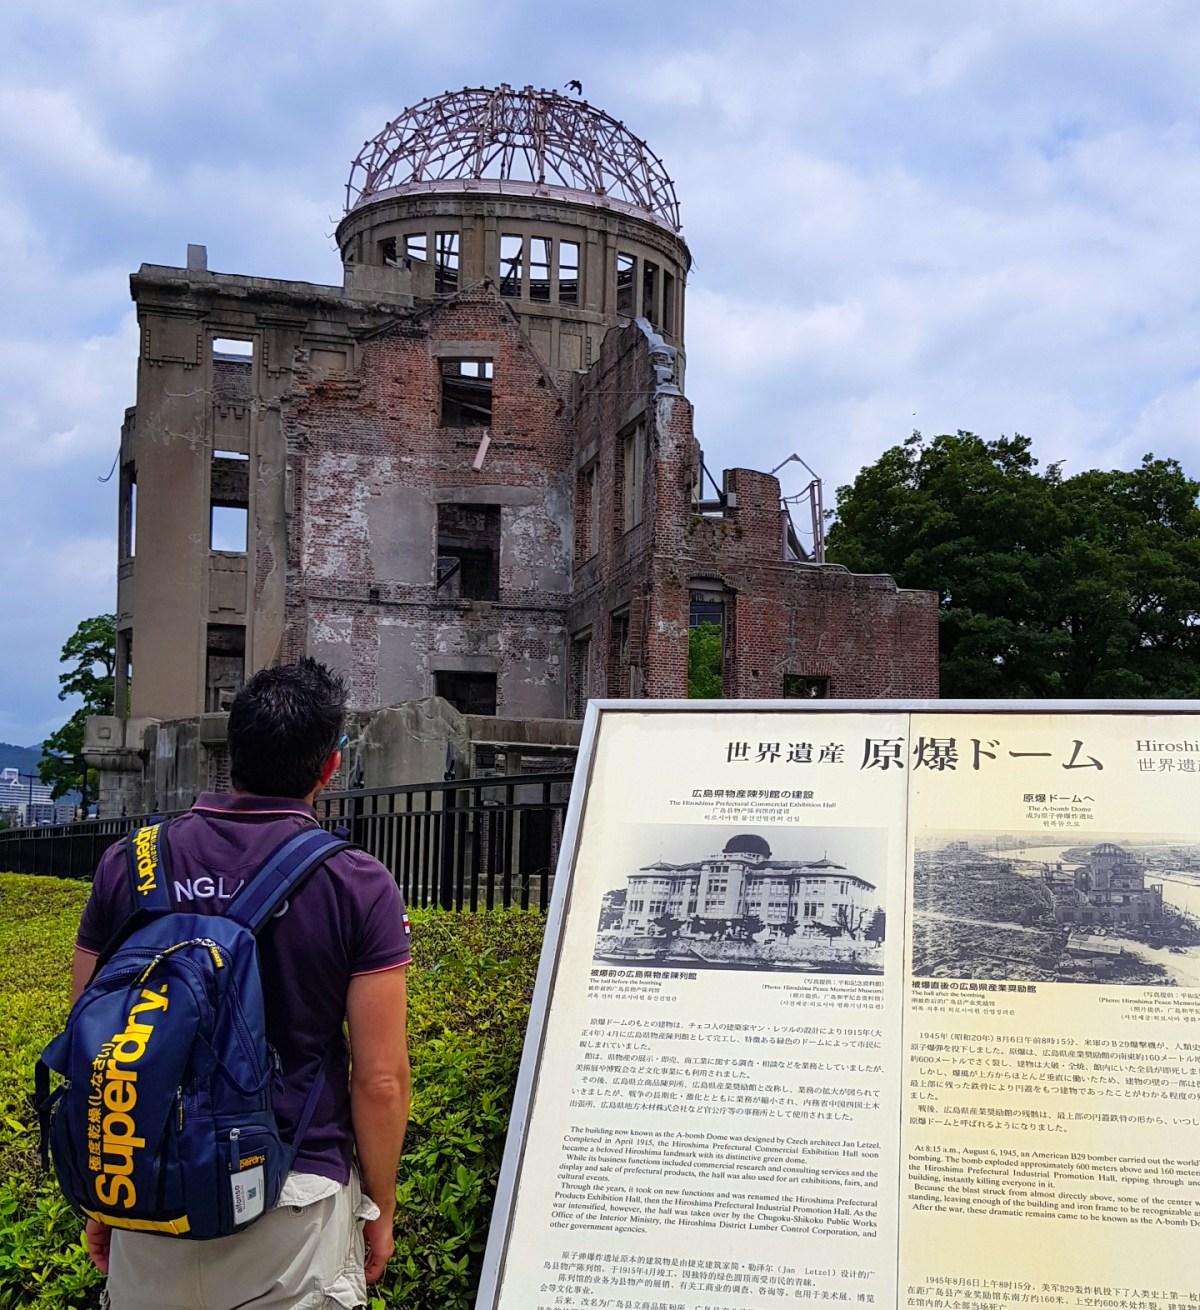 Hiroshima bomba atómica - Hiroshima Dome - Viajar a Japón - ruta por Japón en dos semanas ruta por japón en dos semanas - 36507662260 7be2711676 o - Nuestra Ruta por Japón en dos semanas (Diario de Viaje a Japón)